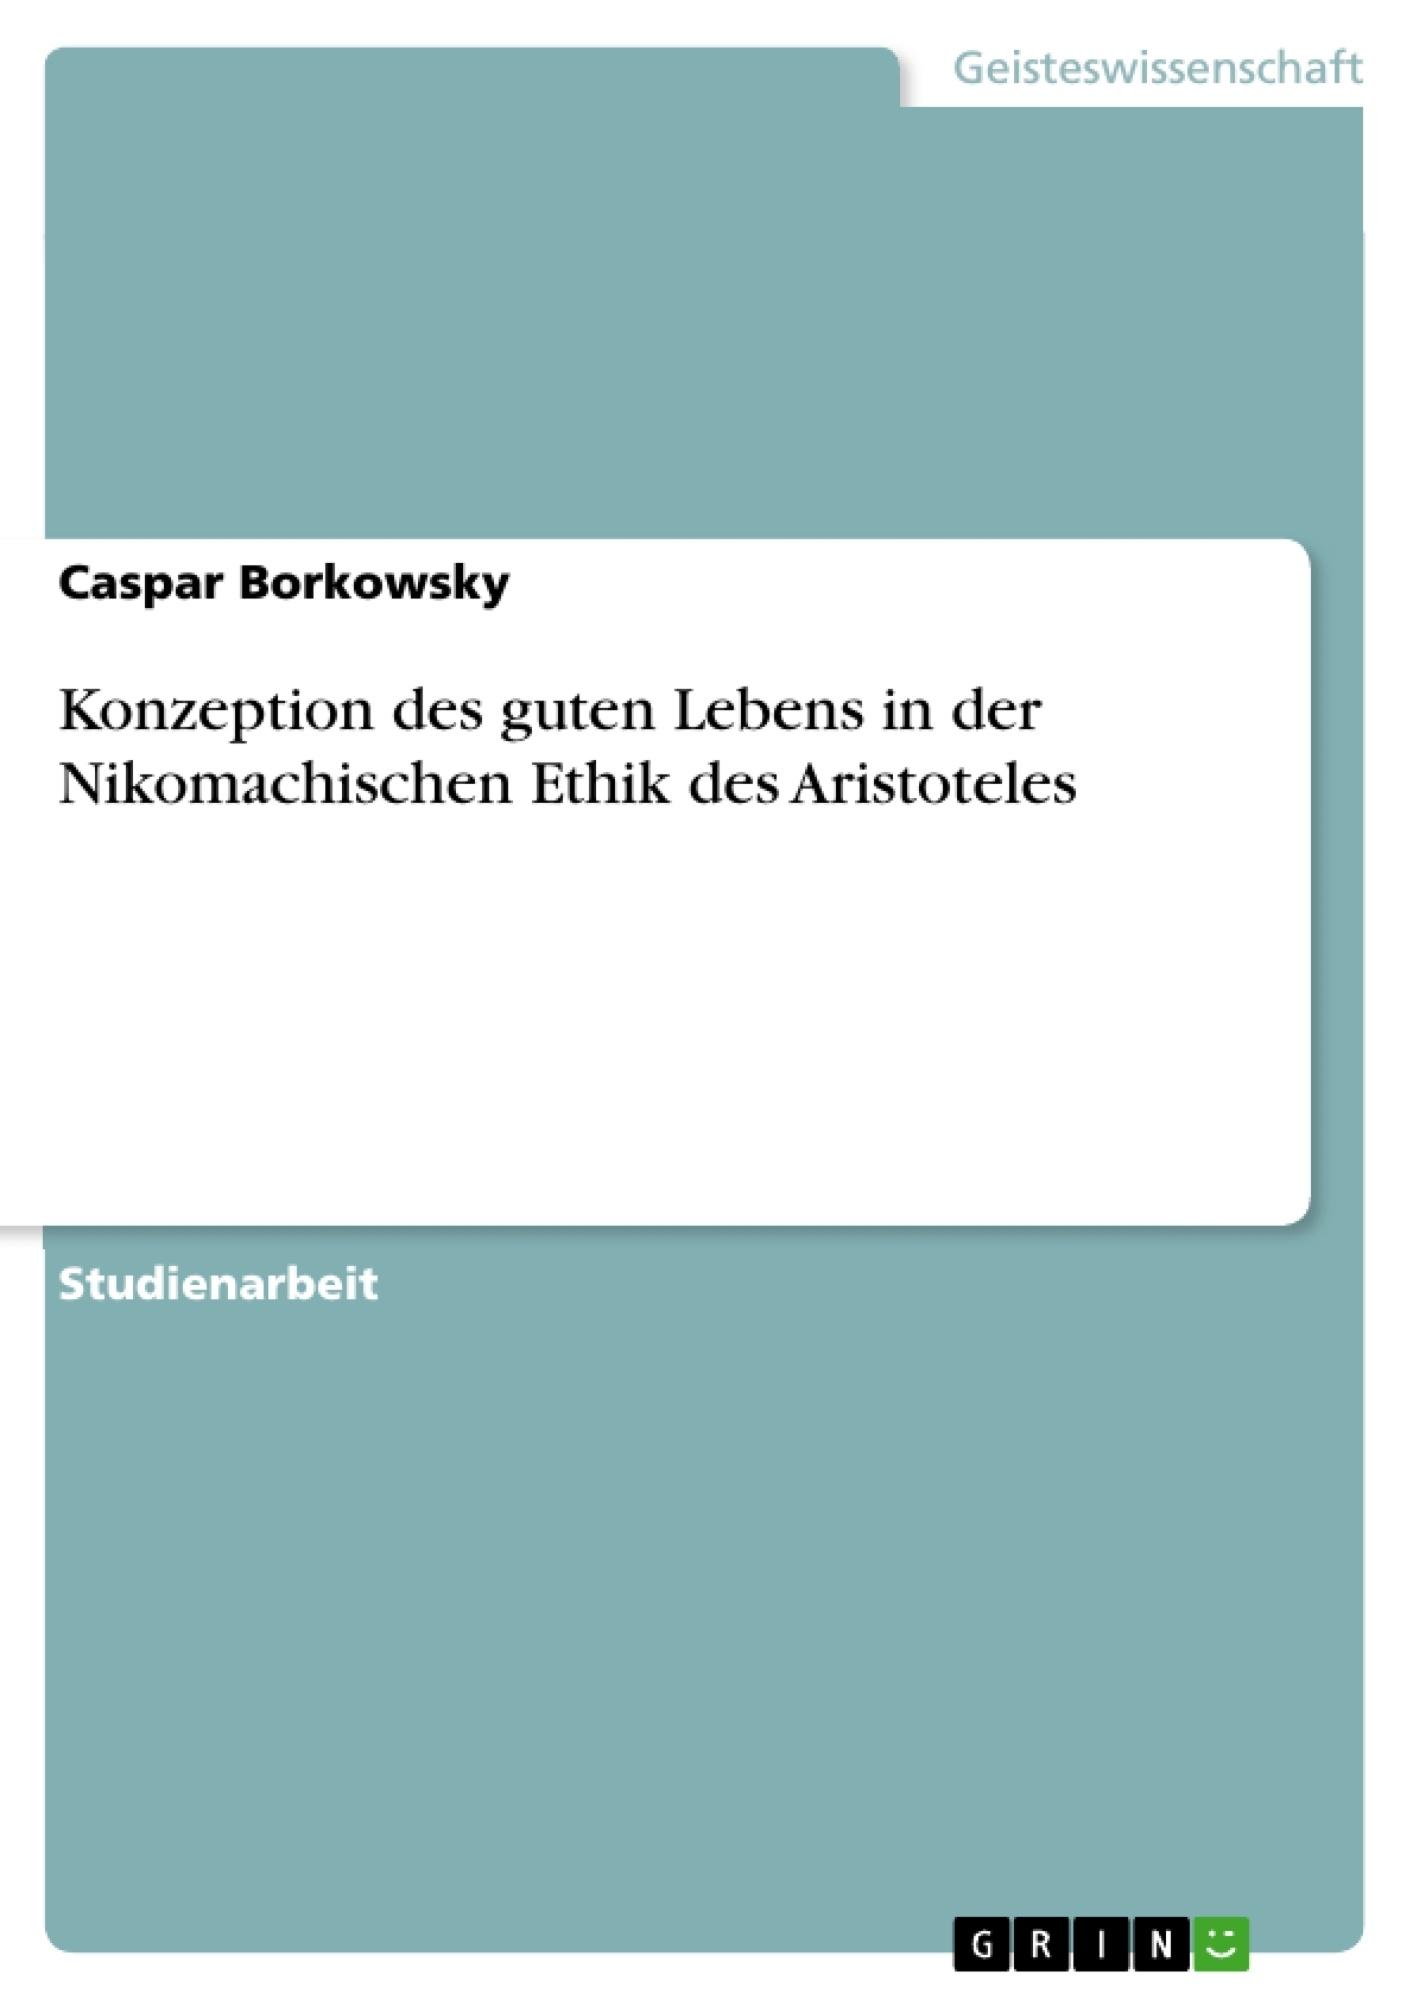 Titel: Konzeption des guten Lebens in der Nikomachischen Ethik des Aristoteles